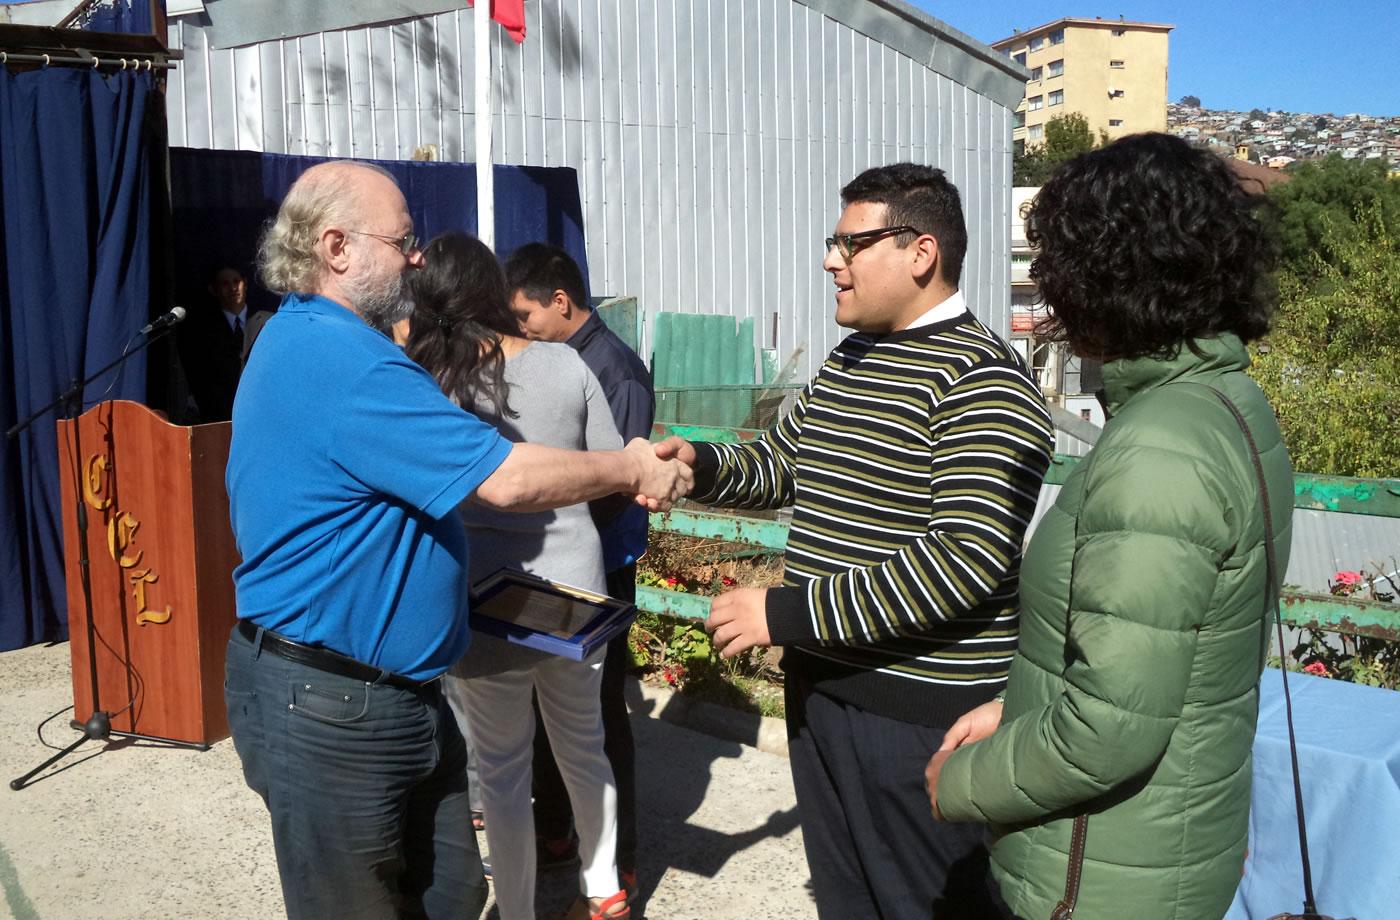 Mosaico Alegre, una cooperativa estudiantil nacida desde la diferencia